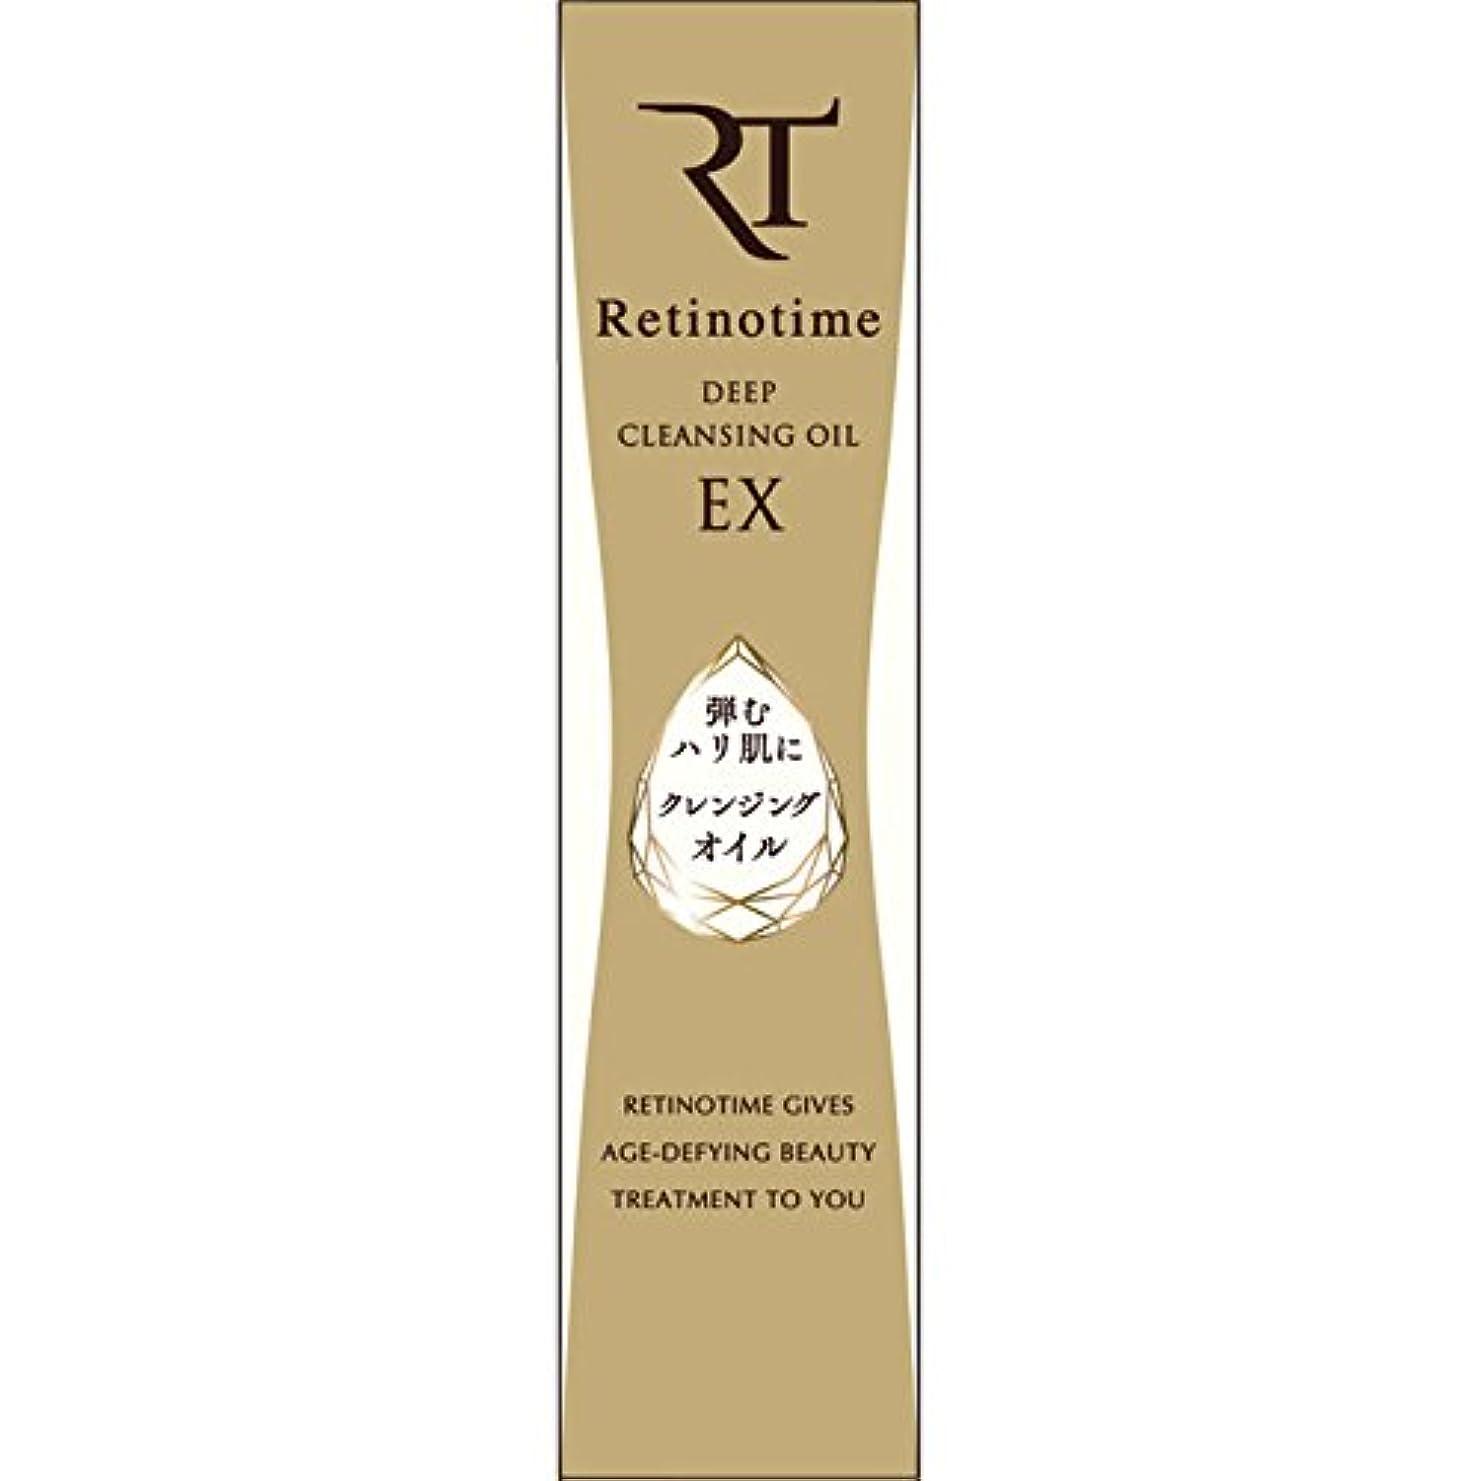 のぞき見不測の事態激怒ナリス化粧品 レチノタイム ディープクレンジングオイル EX 150ml